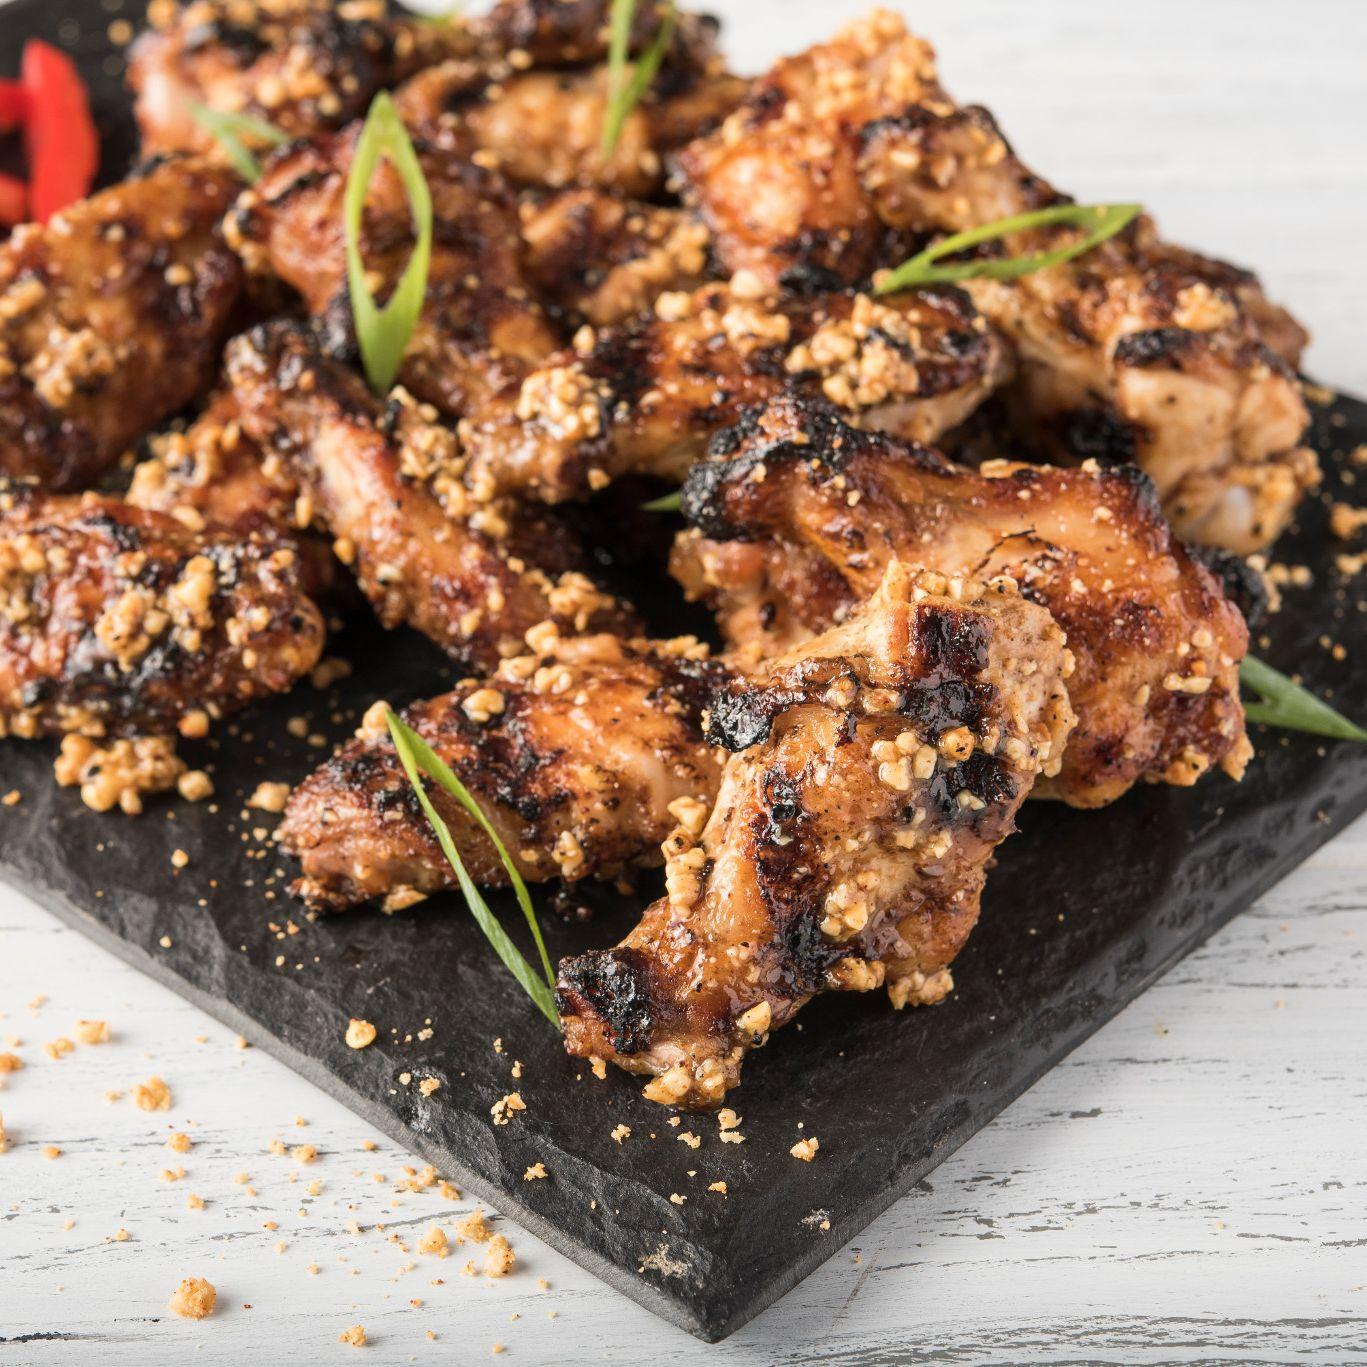 grilled_suya_chicken_wings26168.jpg